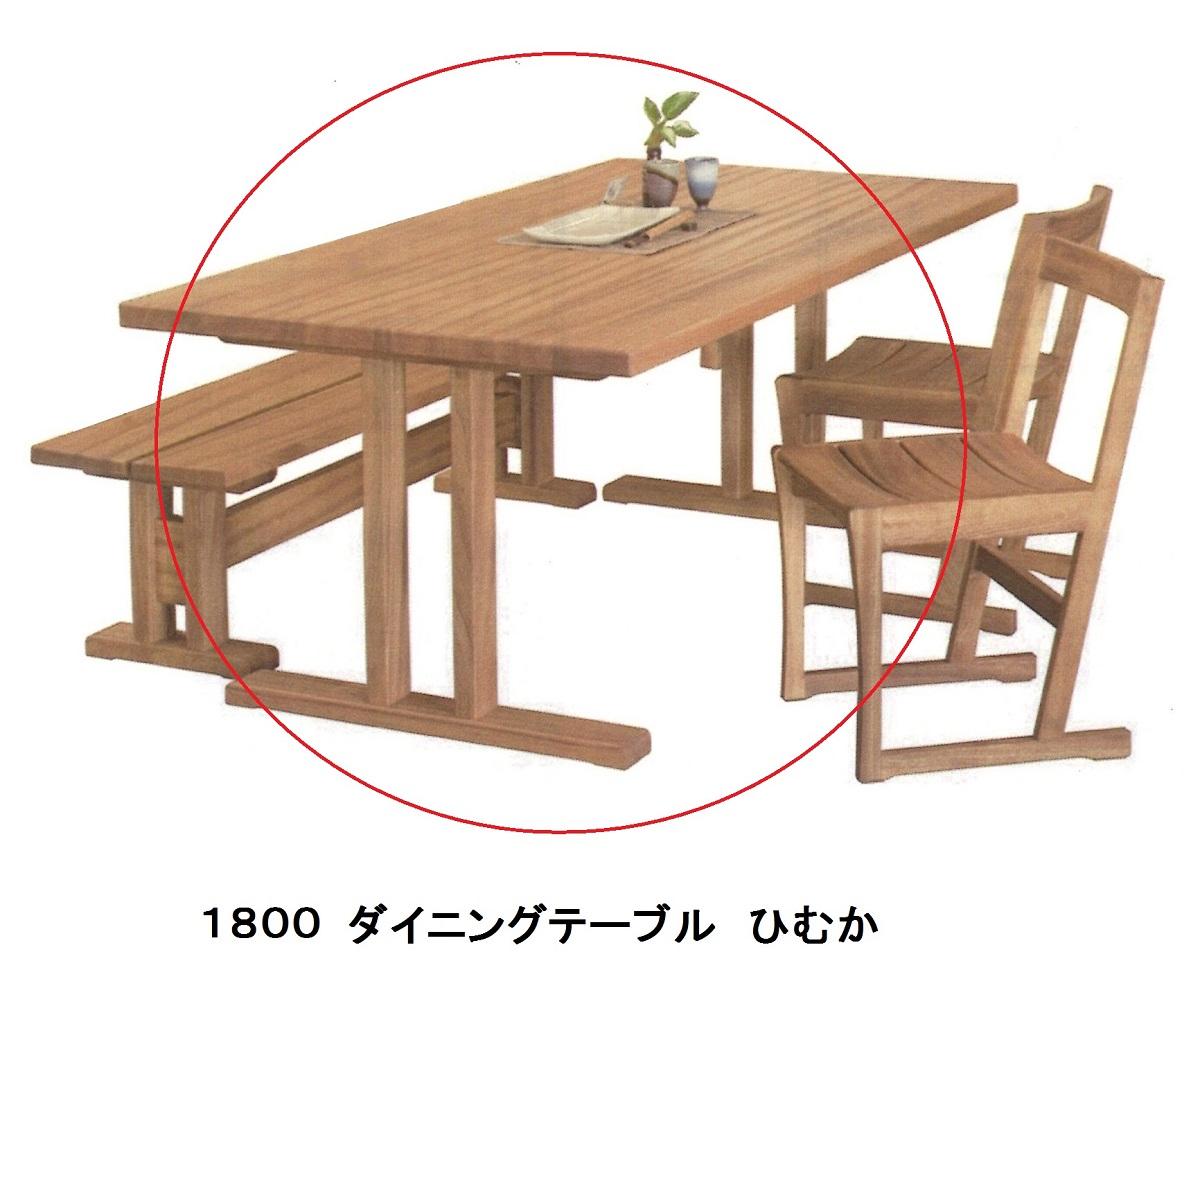 国産 1800ダイニングテーブル ひむか 楠無垢材使用ドイツ・リボス社自然健康塗料使用要在庫確認送料無料(玄関前まで)北海道・沖縄・離島は見積もり